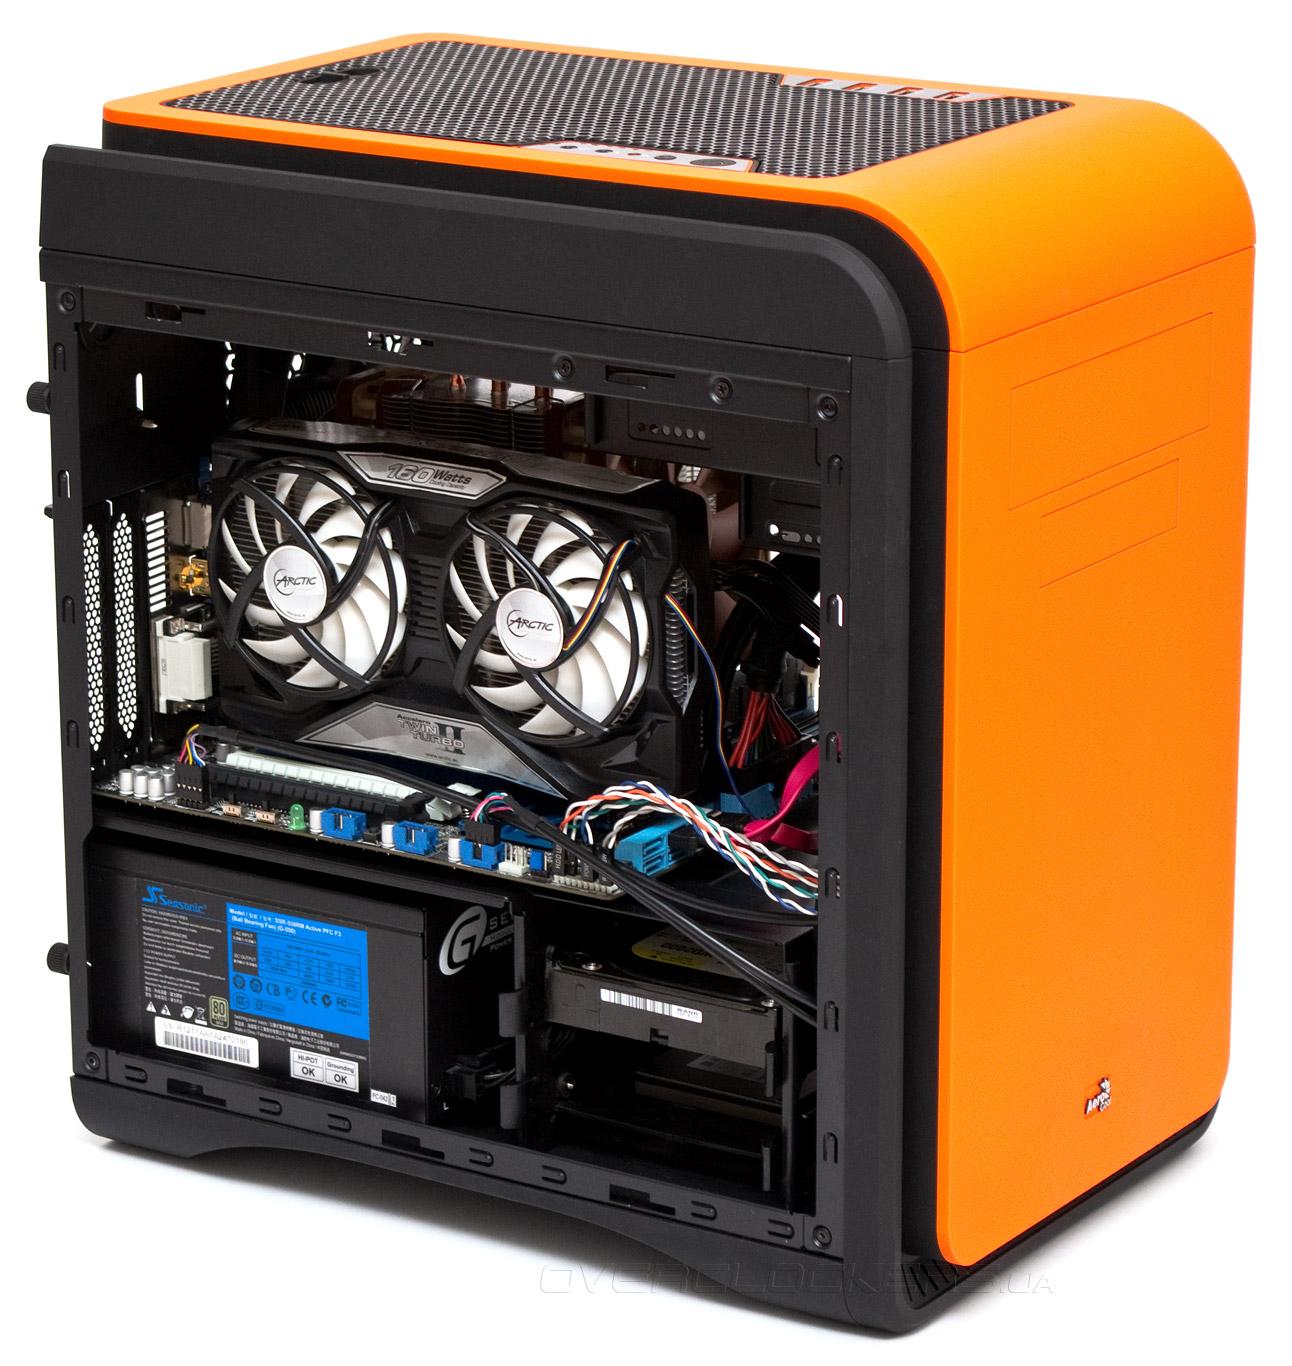 ASUS P8H61-I LX//RM//SI i3-2120T Dual-Core CPU 4GB DDR3 RAM Motherboard Bundle